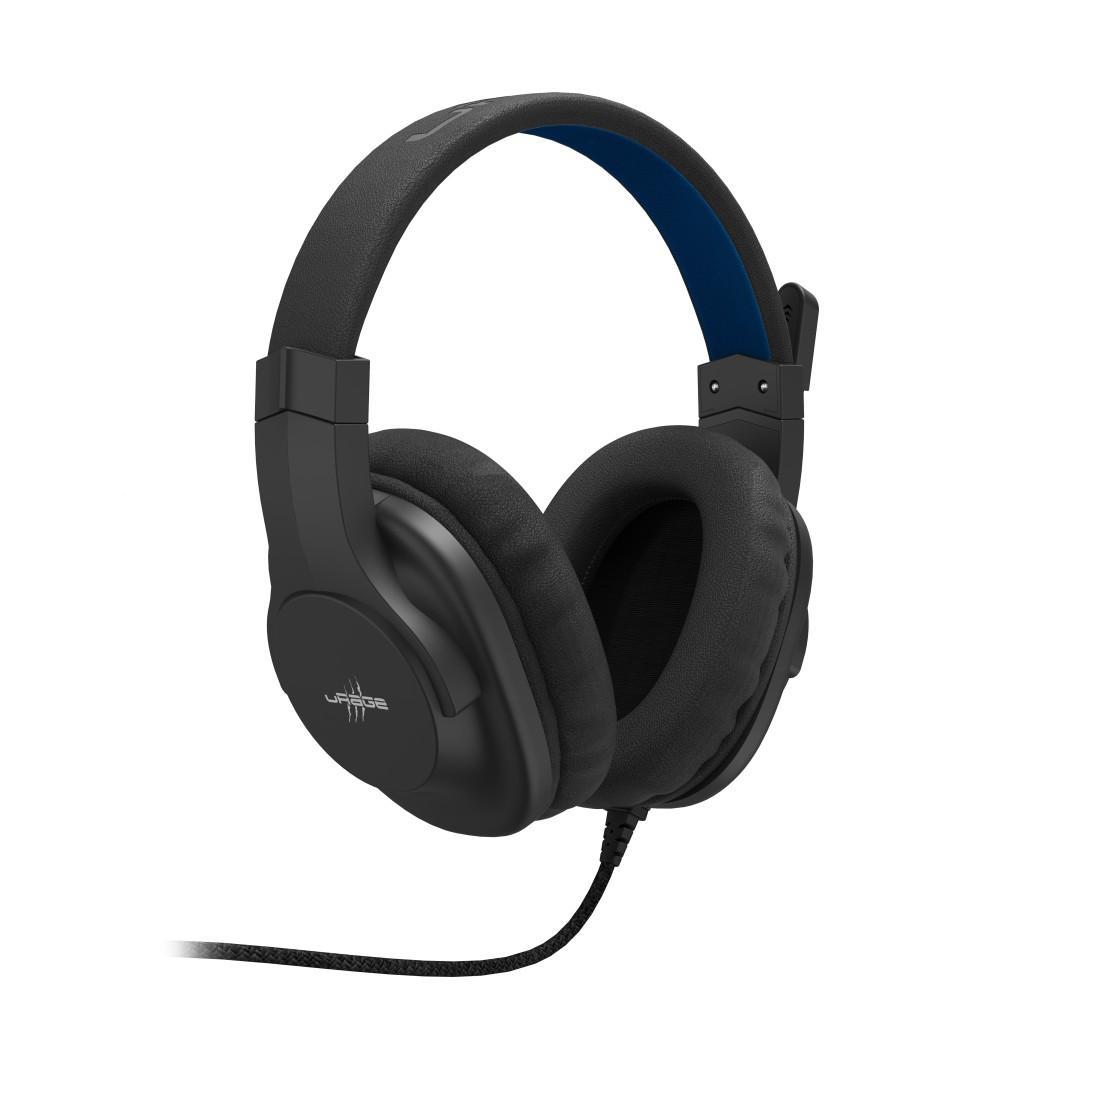 Геймърски слушалки Hama uRage Soundz 320 7.1, Микрофон, USB, Черен